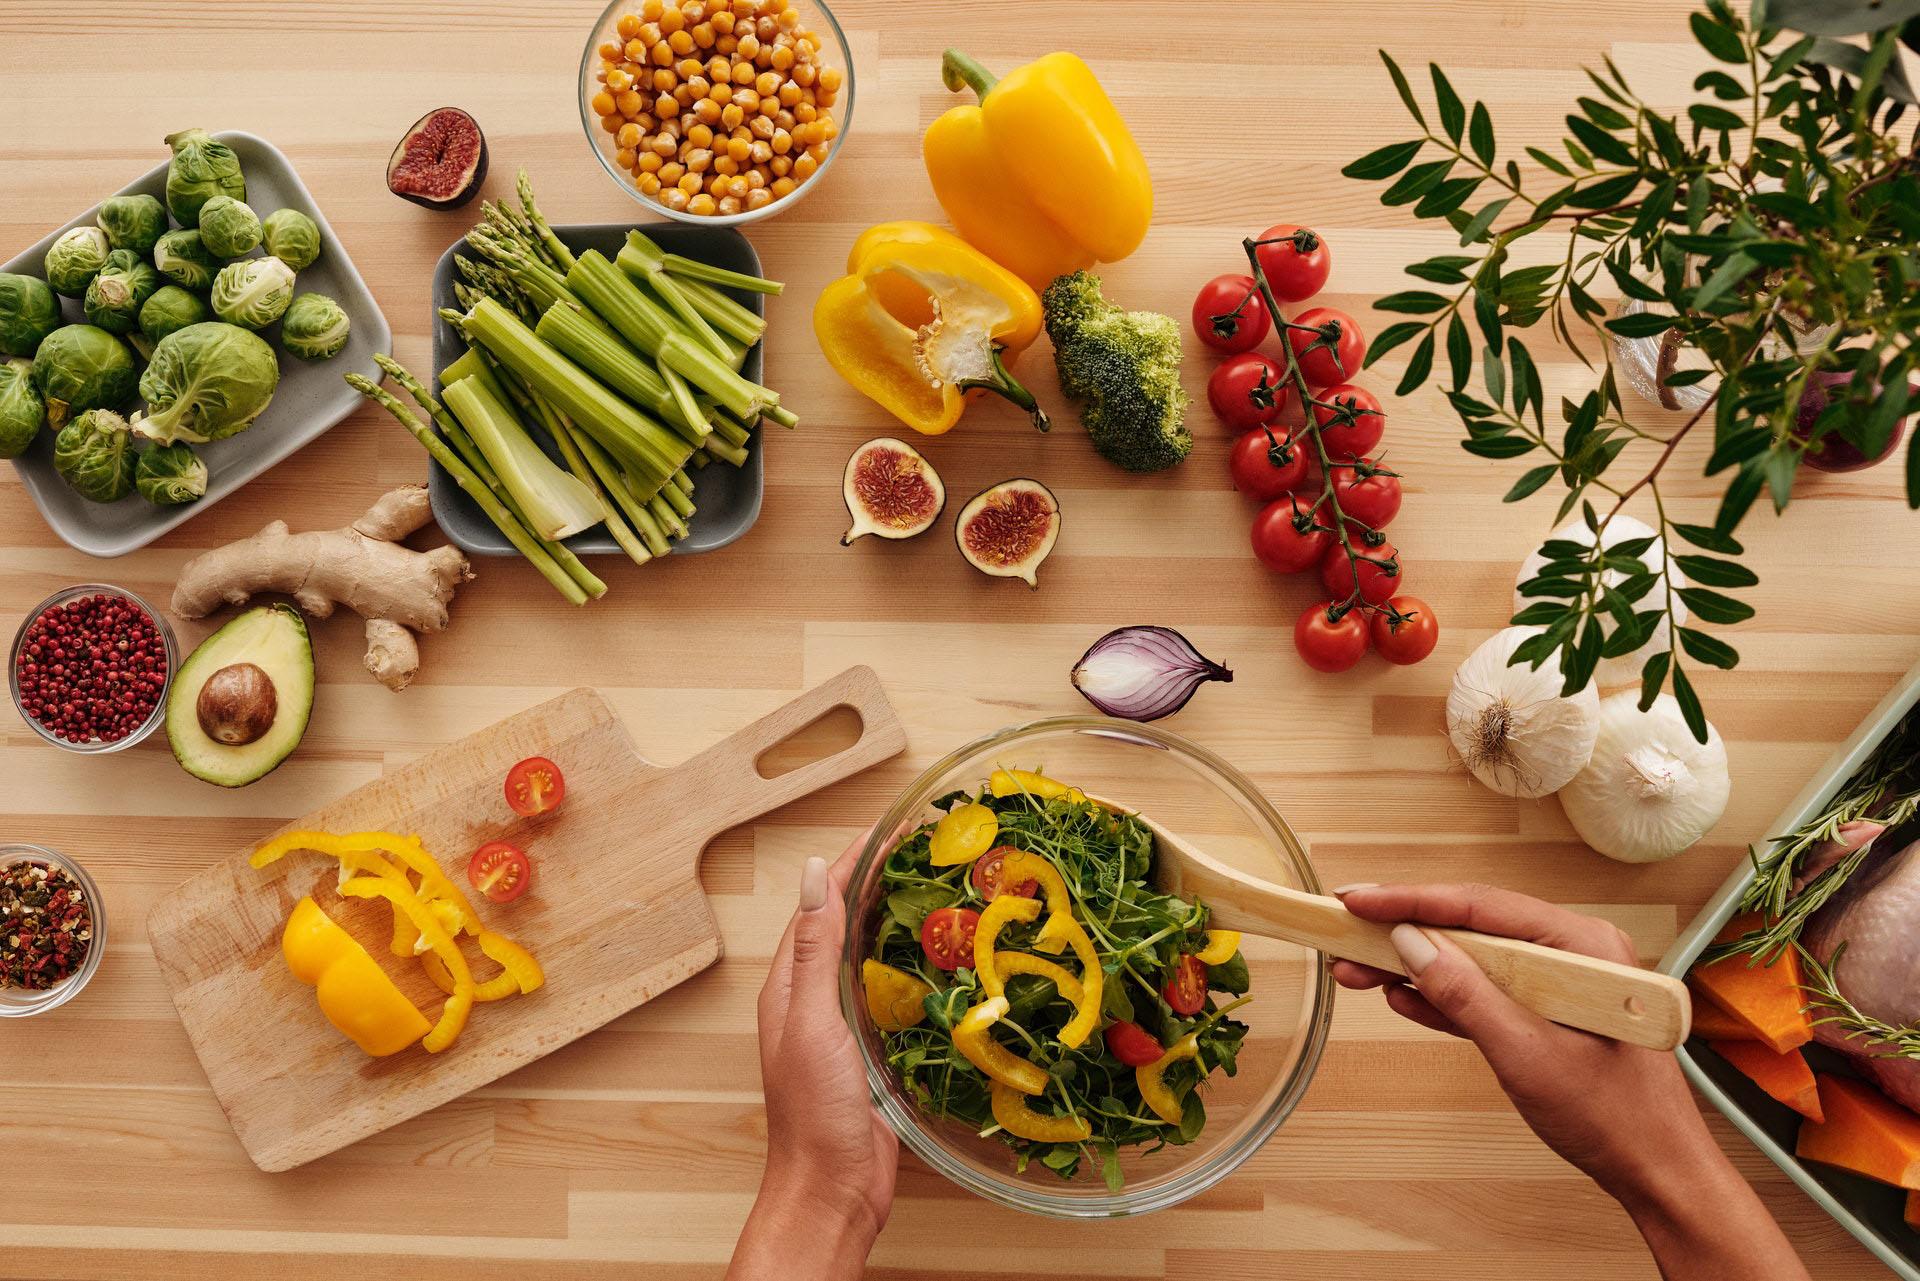 Intolerancias alimentarias o cuando lo saludable provoca problemas